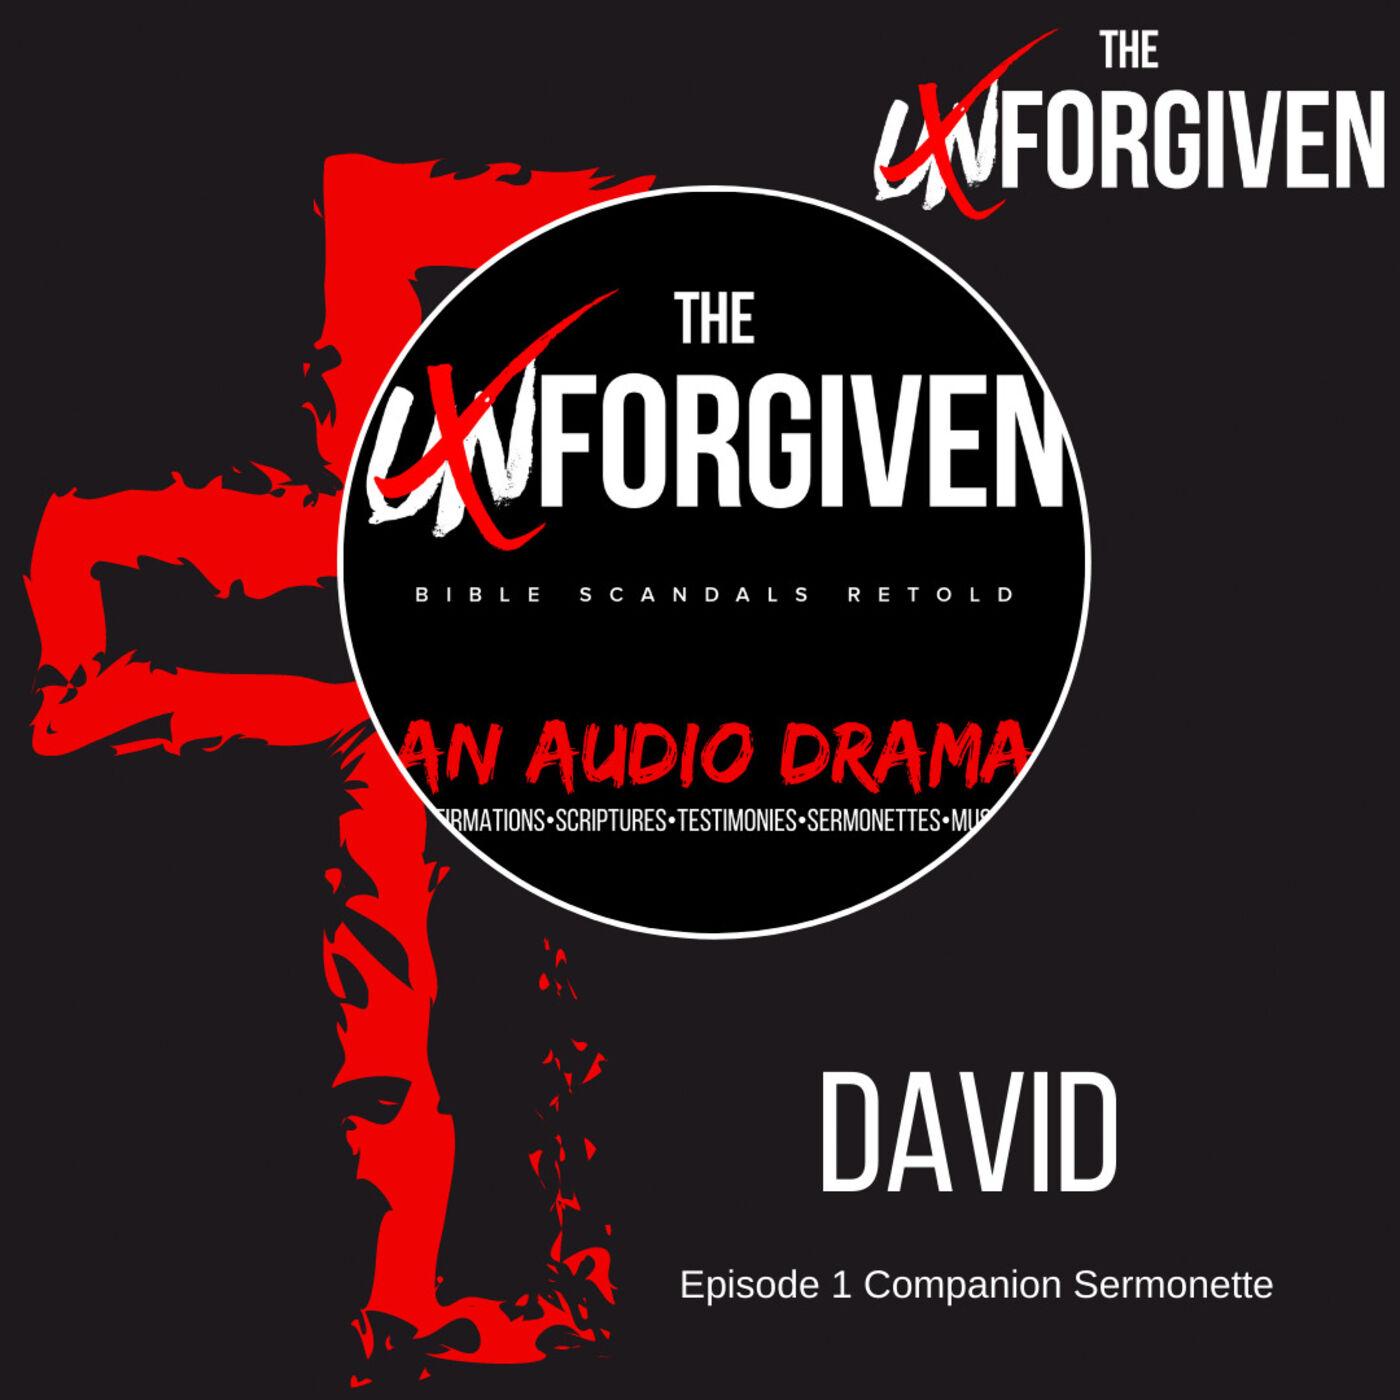 David (part 1) -Episode 1 Companion Sermonette